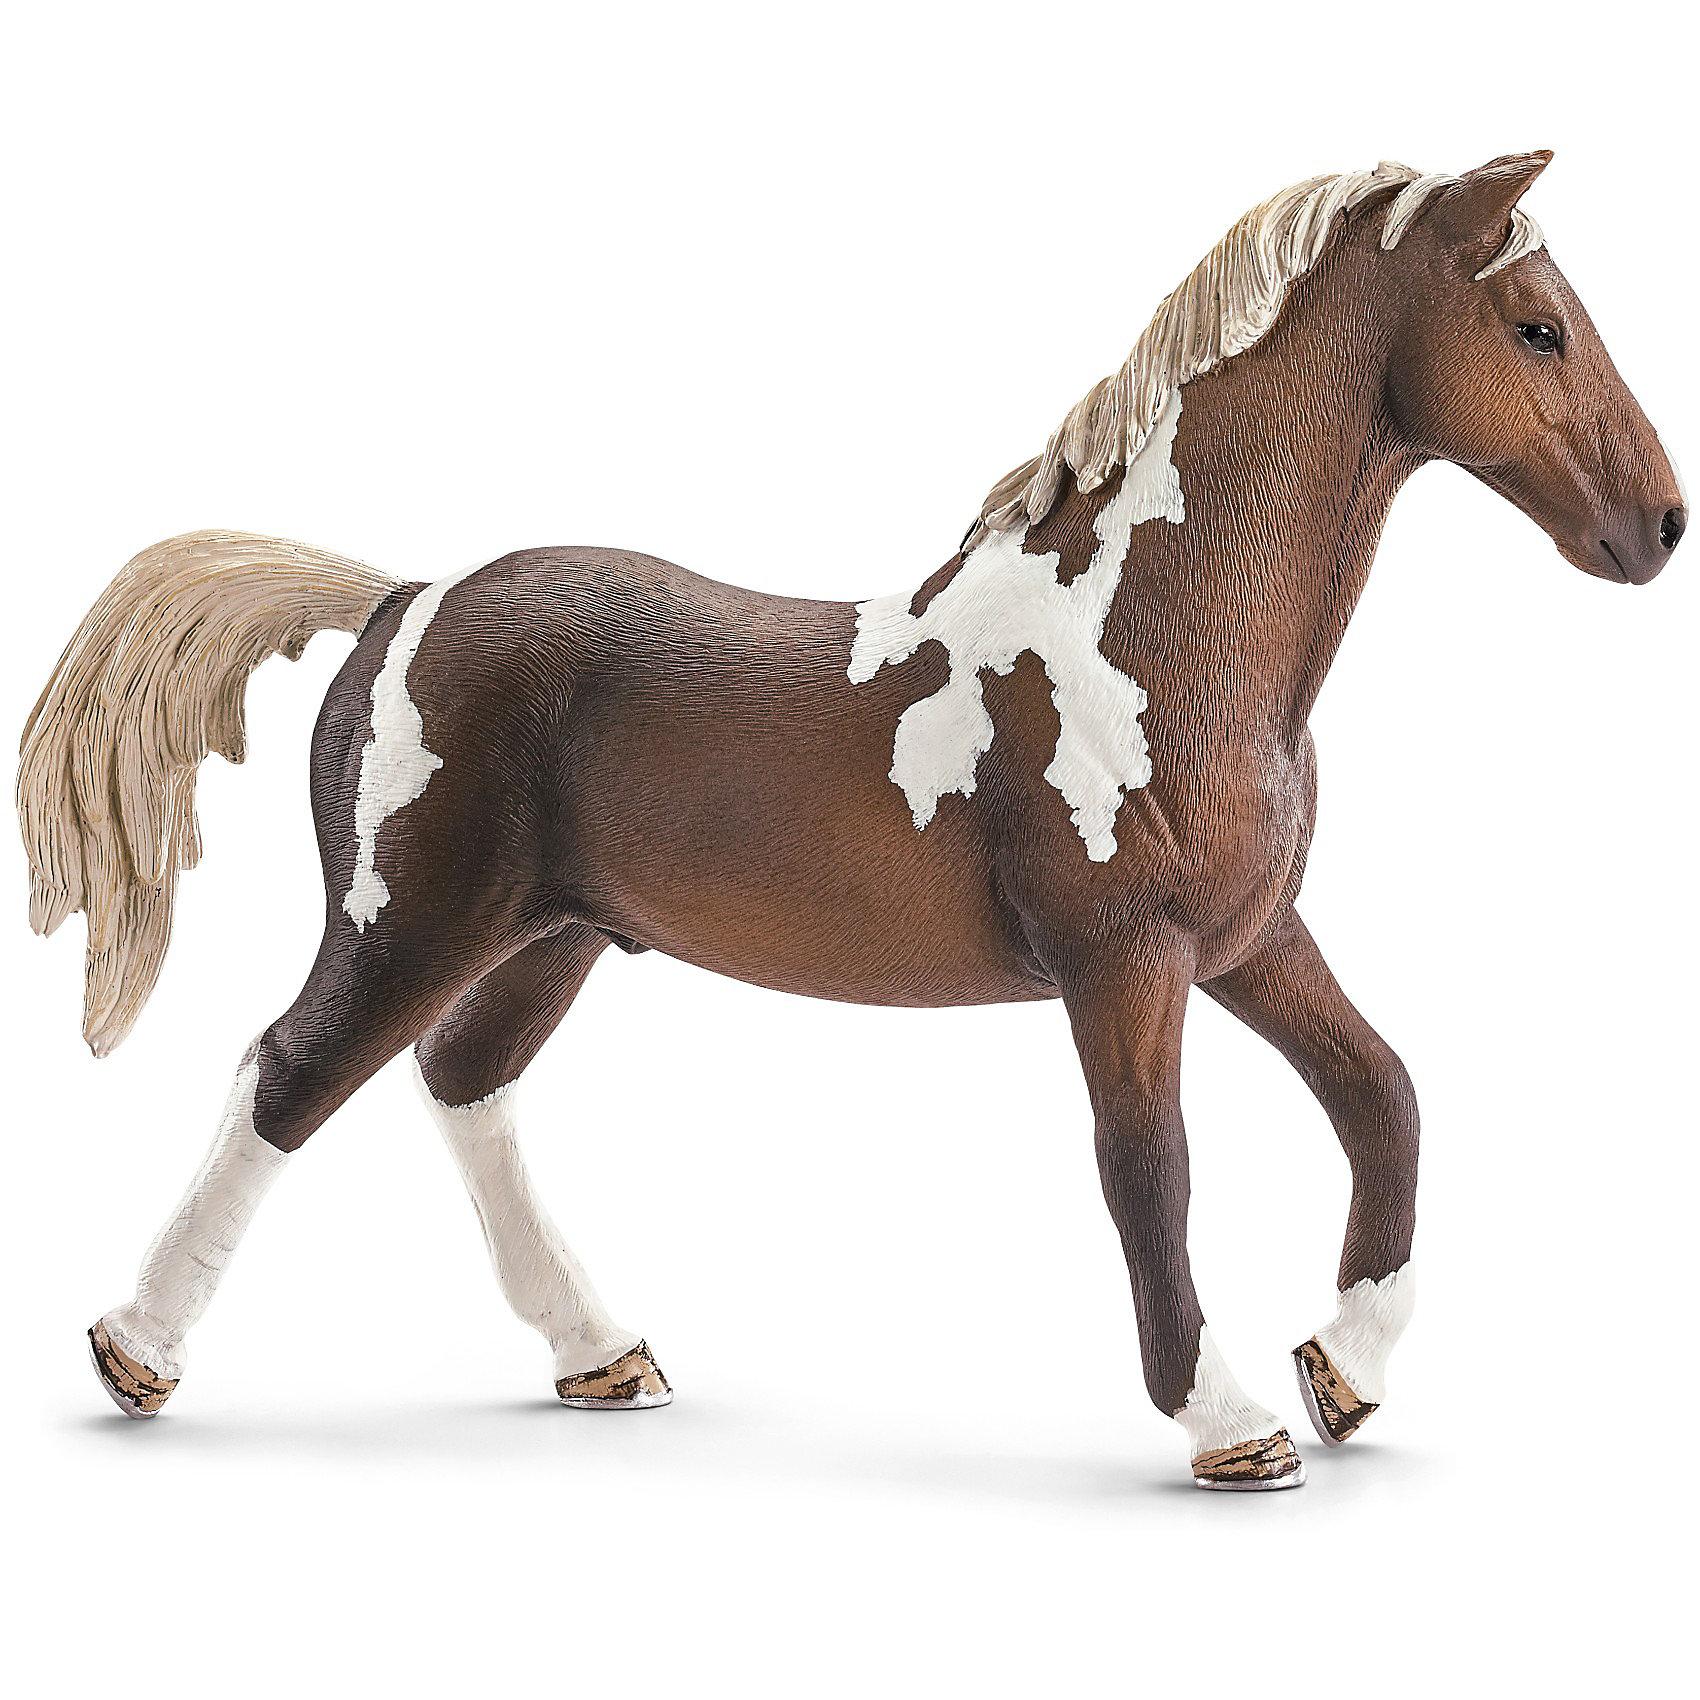 Schleich Тракененская лошадь: жеребец, Schleich schleich тракененская лошадь кобыла schleich